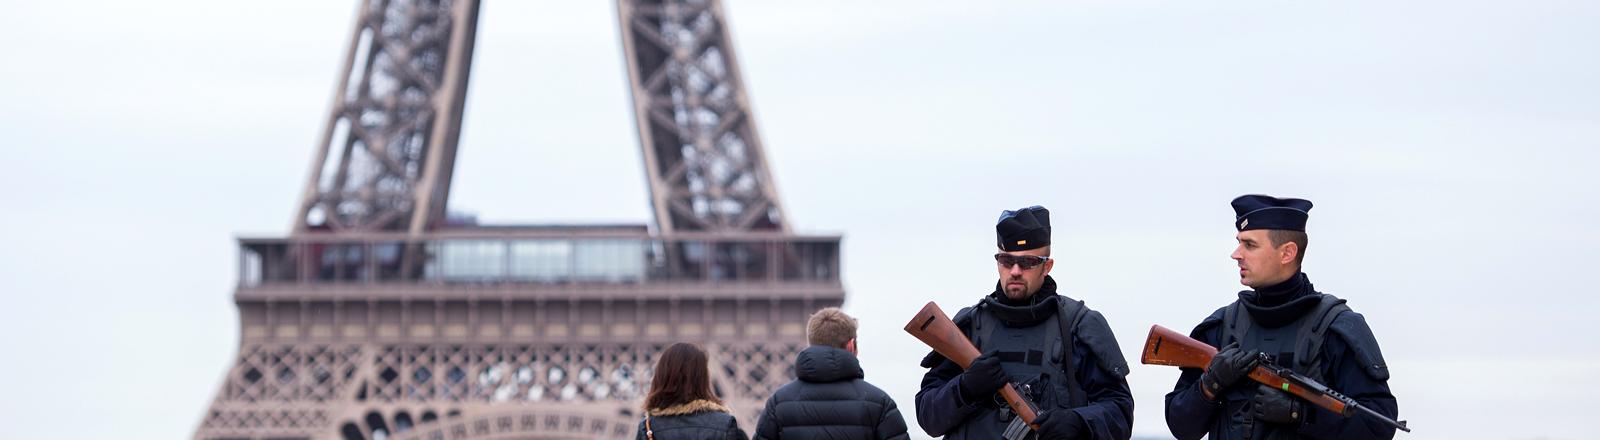 Passanten und bewaffnete Polizisten vor dem Eiffelturm.